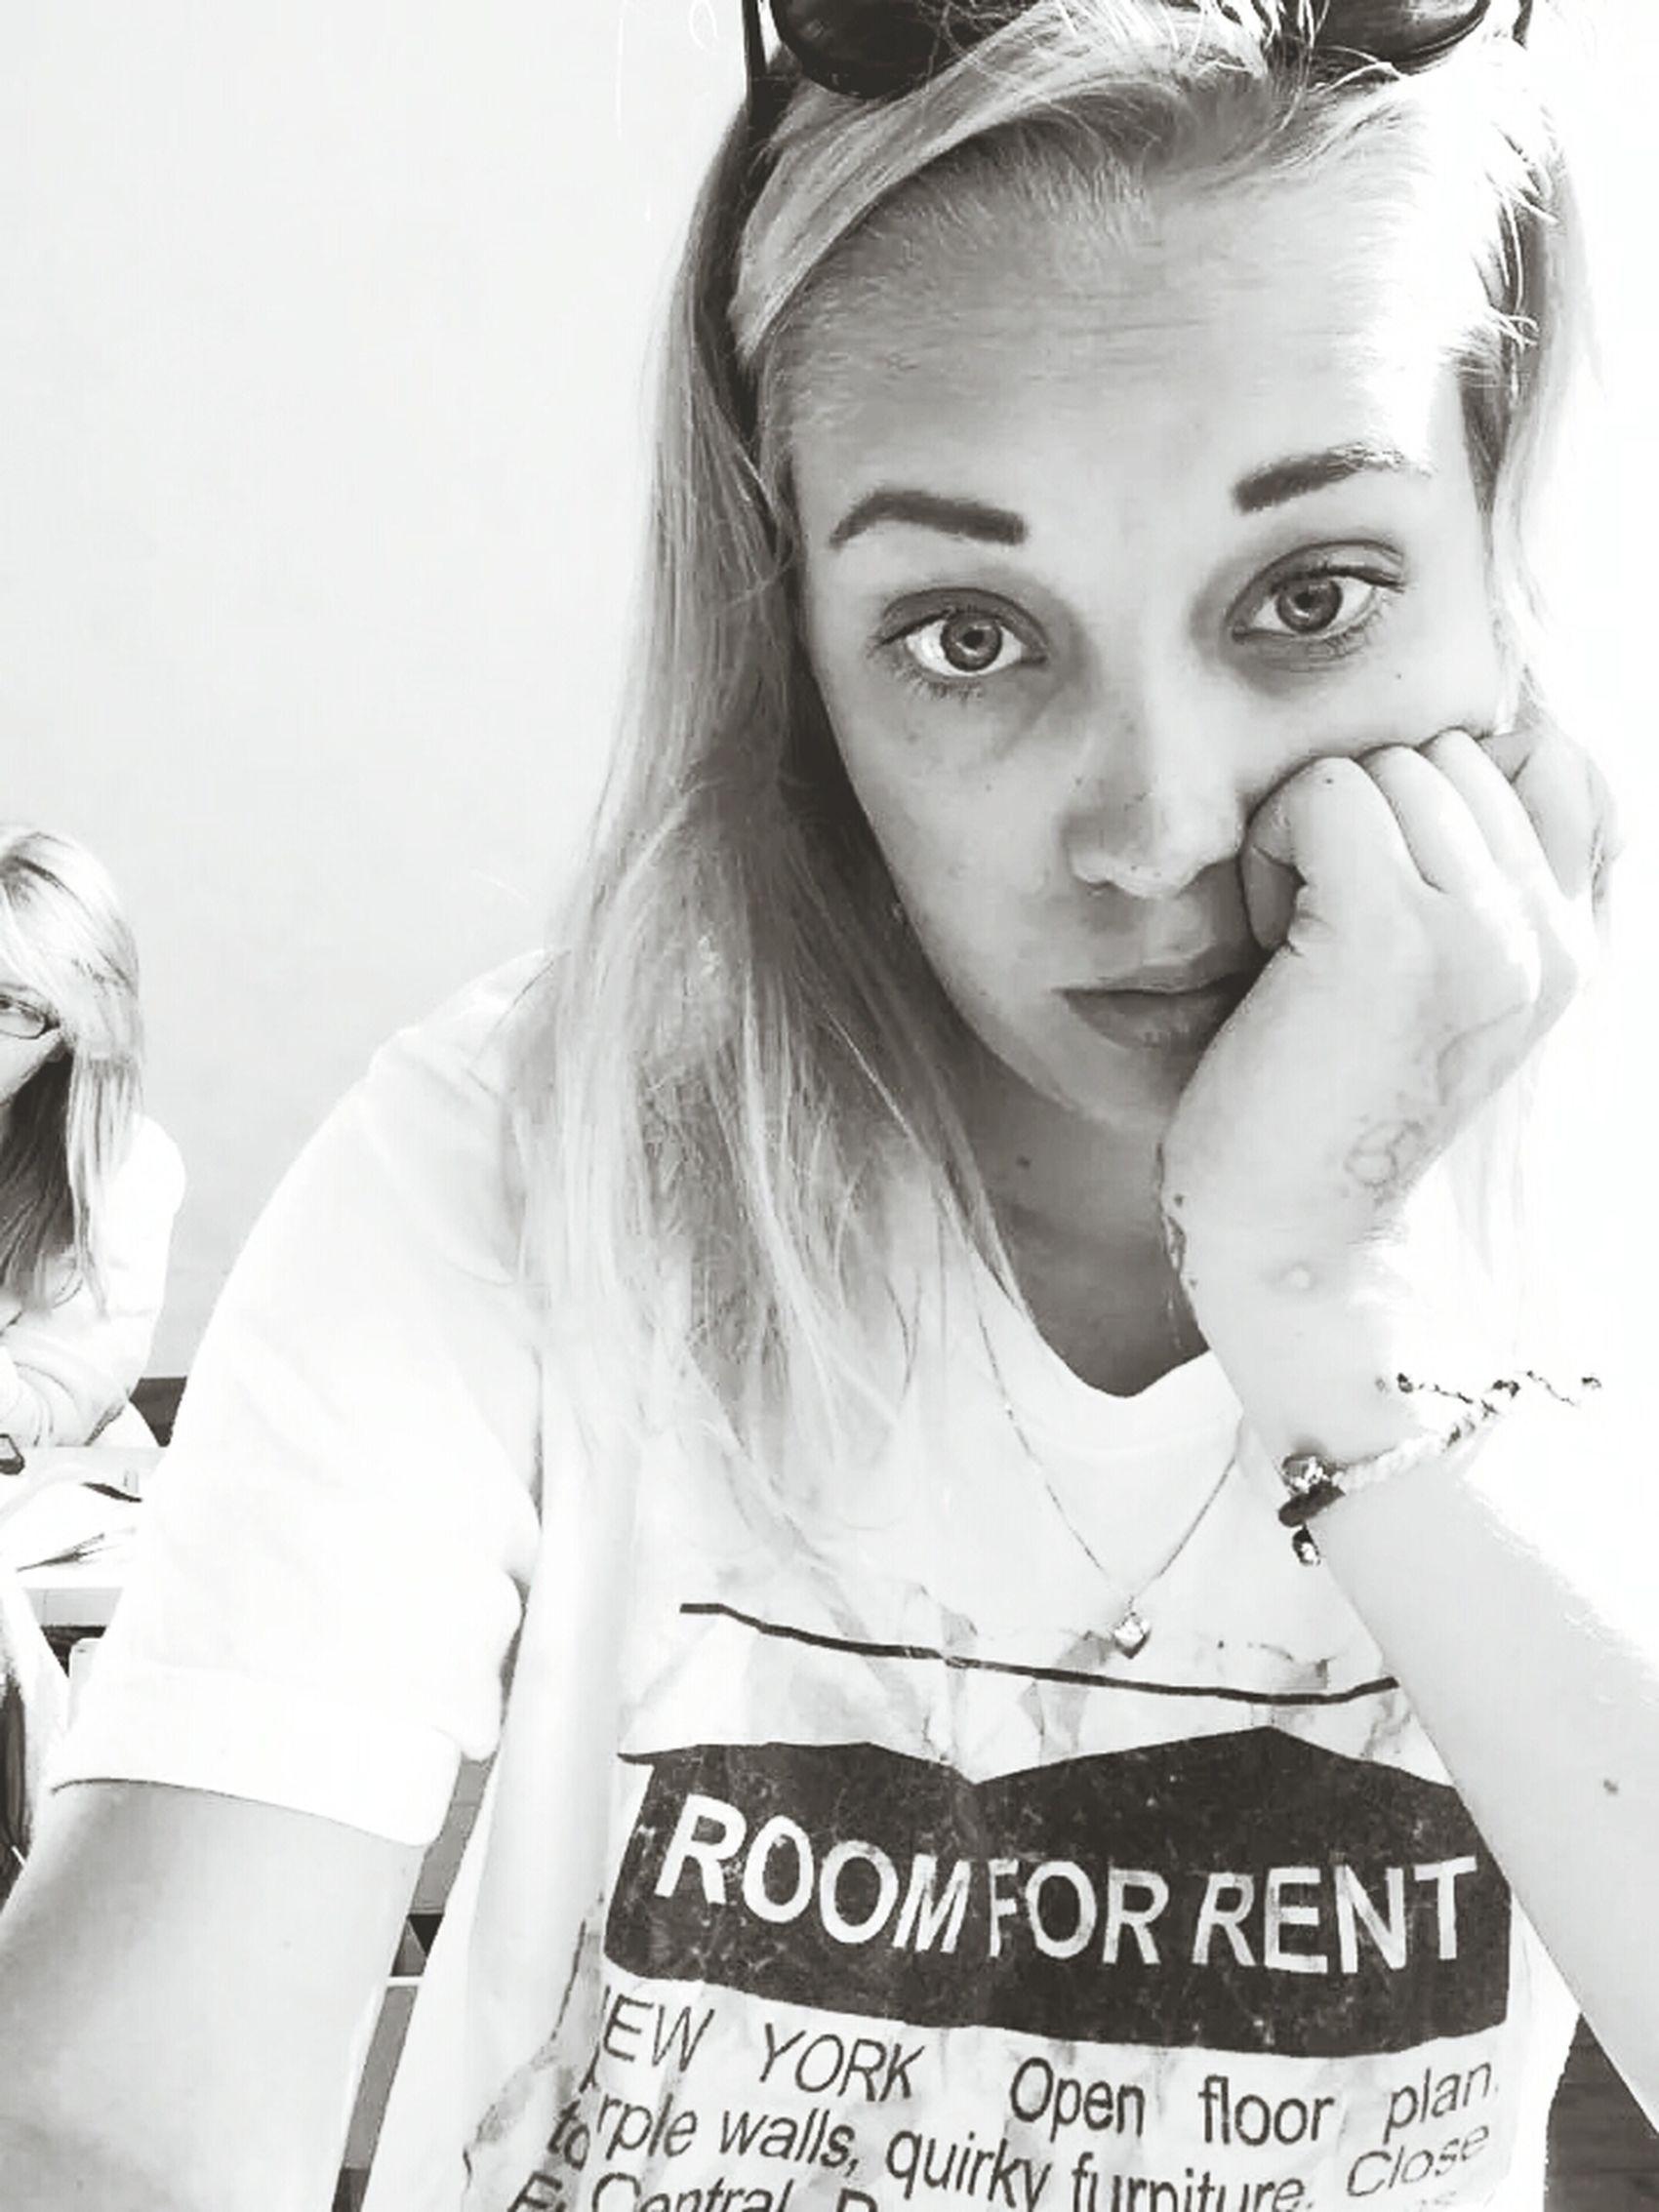 So much fun in school